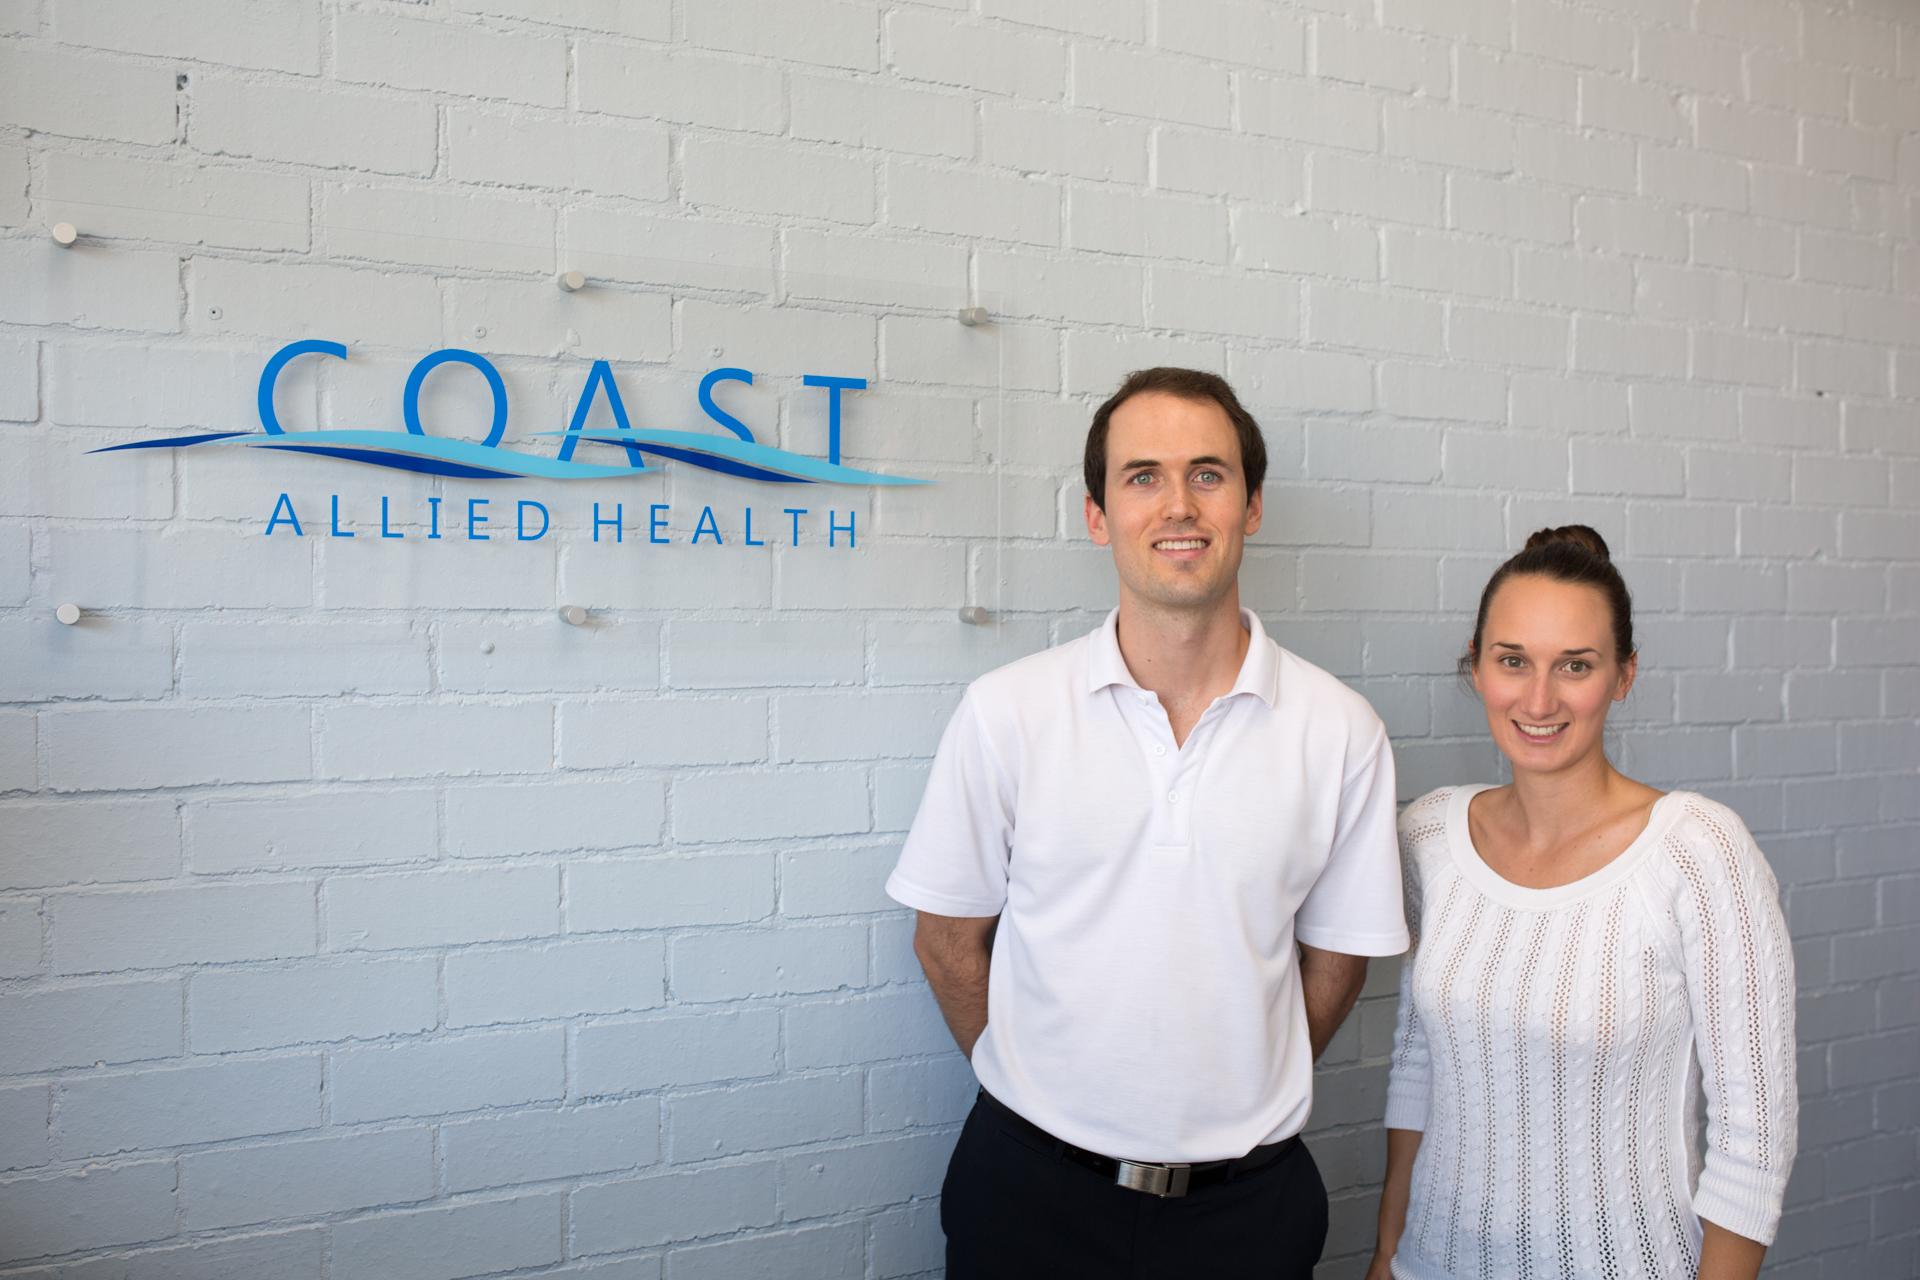 Coast Allied Health - friendly team